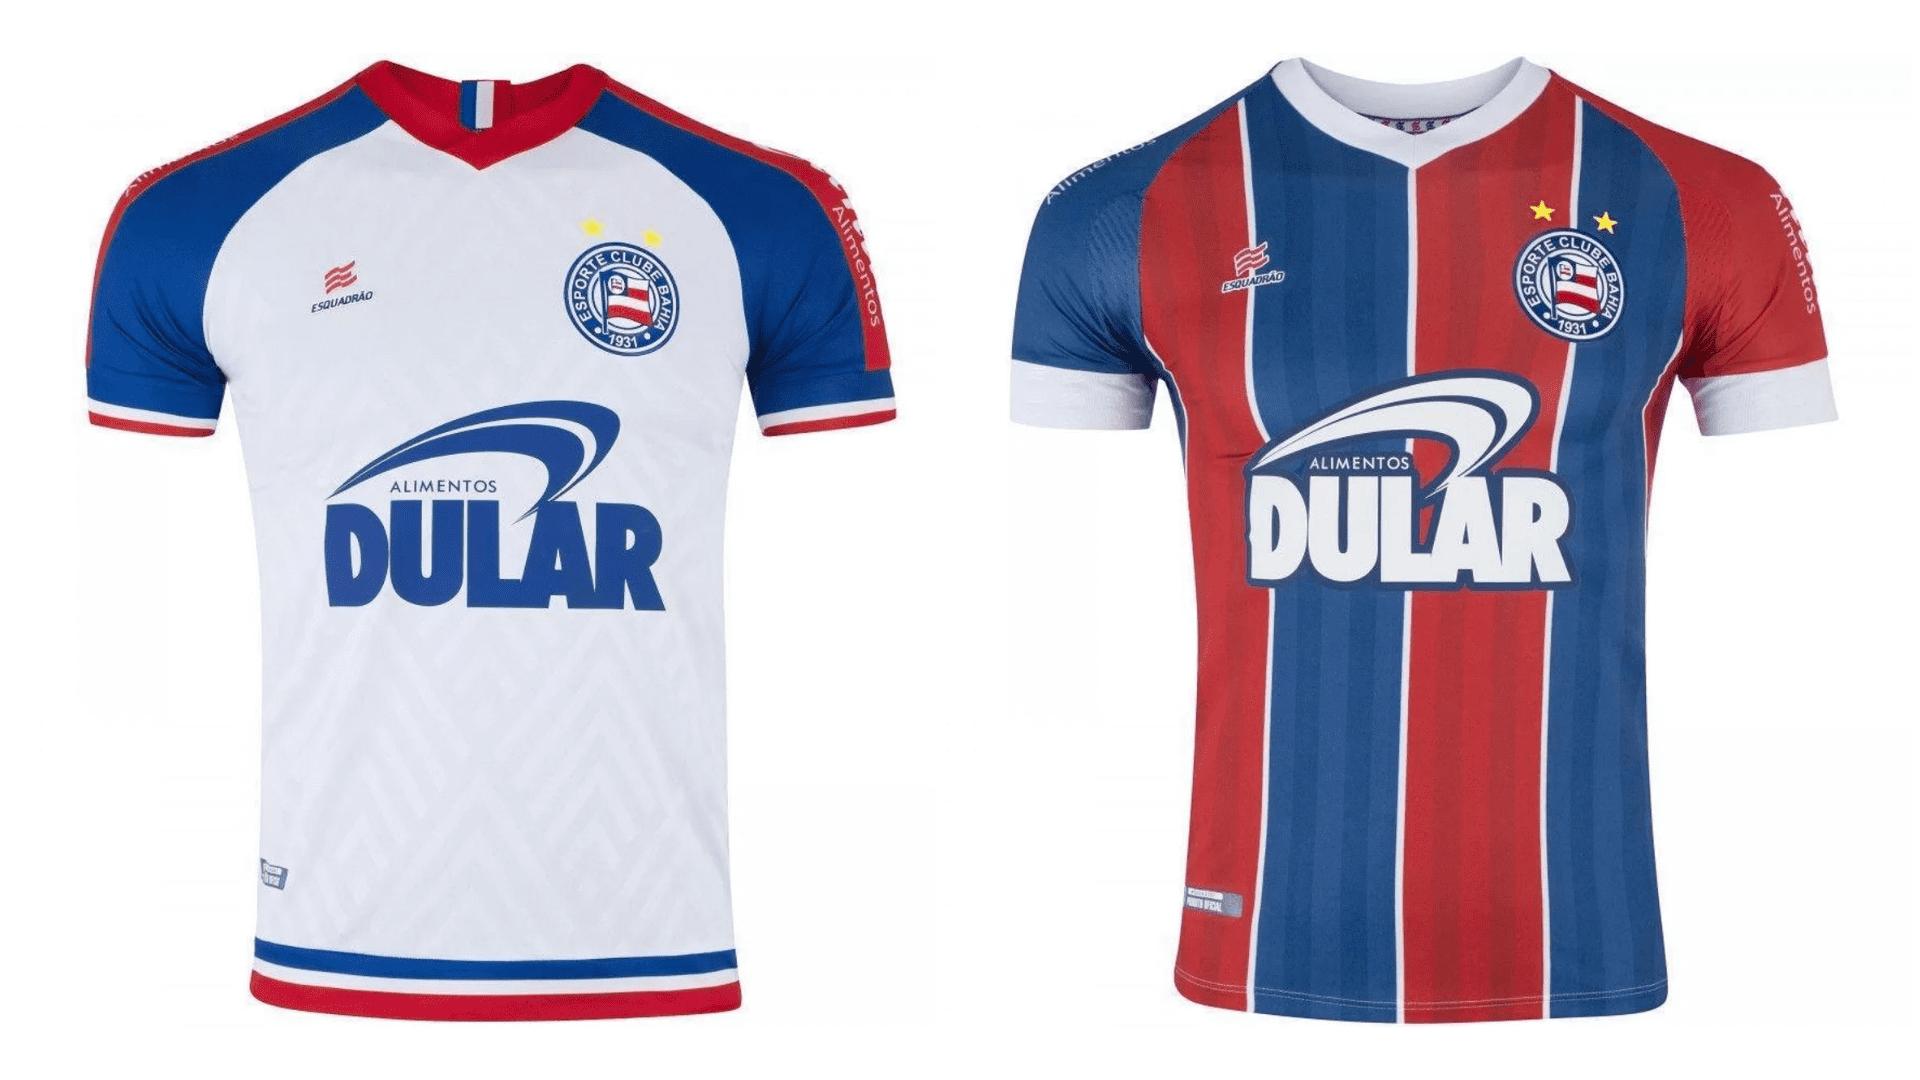 Camisa do Bahia 2019 Esquadrão Jogo 1 e 2 (Imagem: Divulgação/Esquadrão)